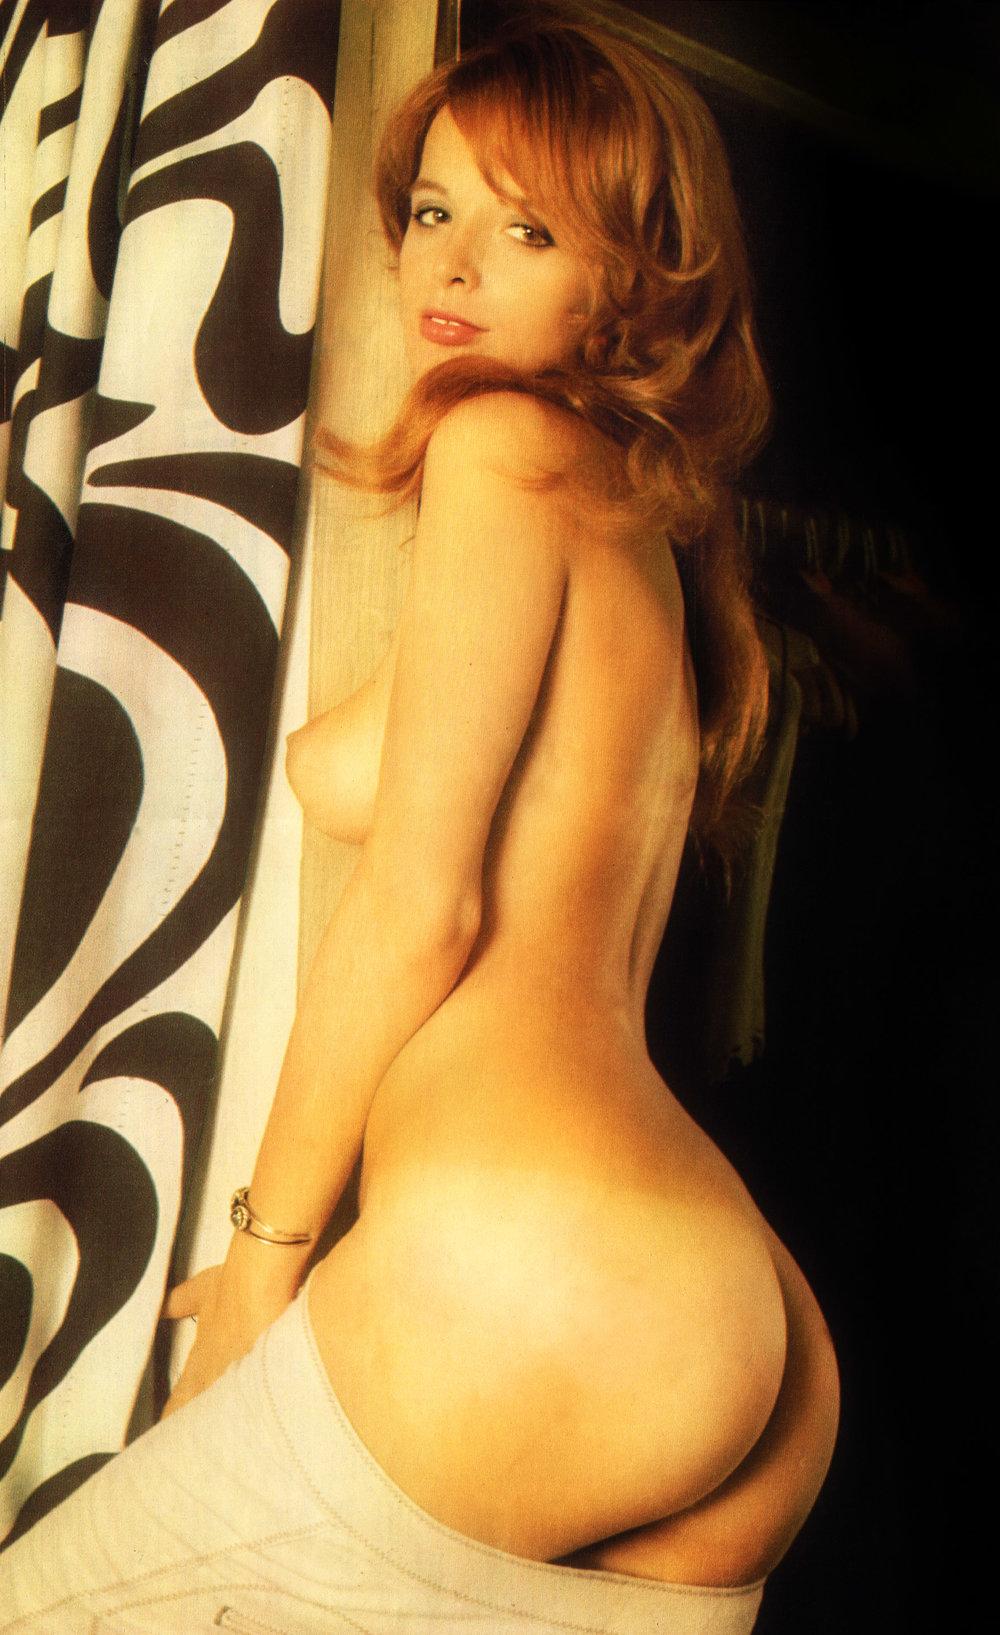 11 Brigitte Maier St Pauli extra 1974, no 1.jpg